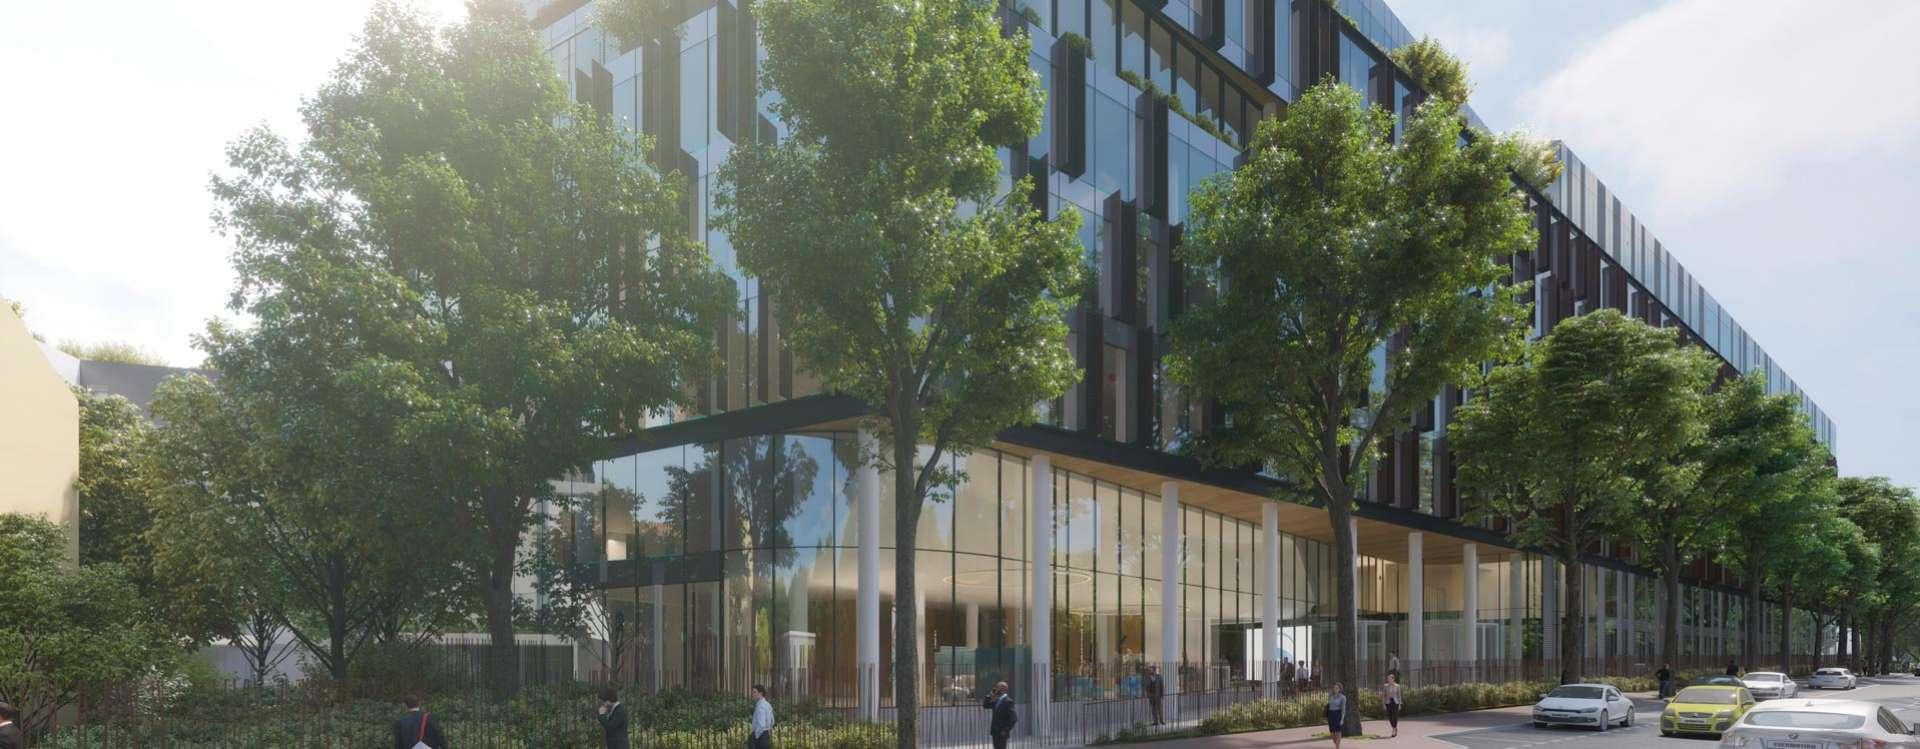 Batipart et GA Smart Building vont réaliser 22 000 m² de bureaux pour Safran, à Malakoff